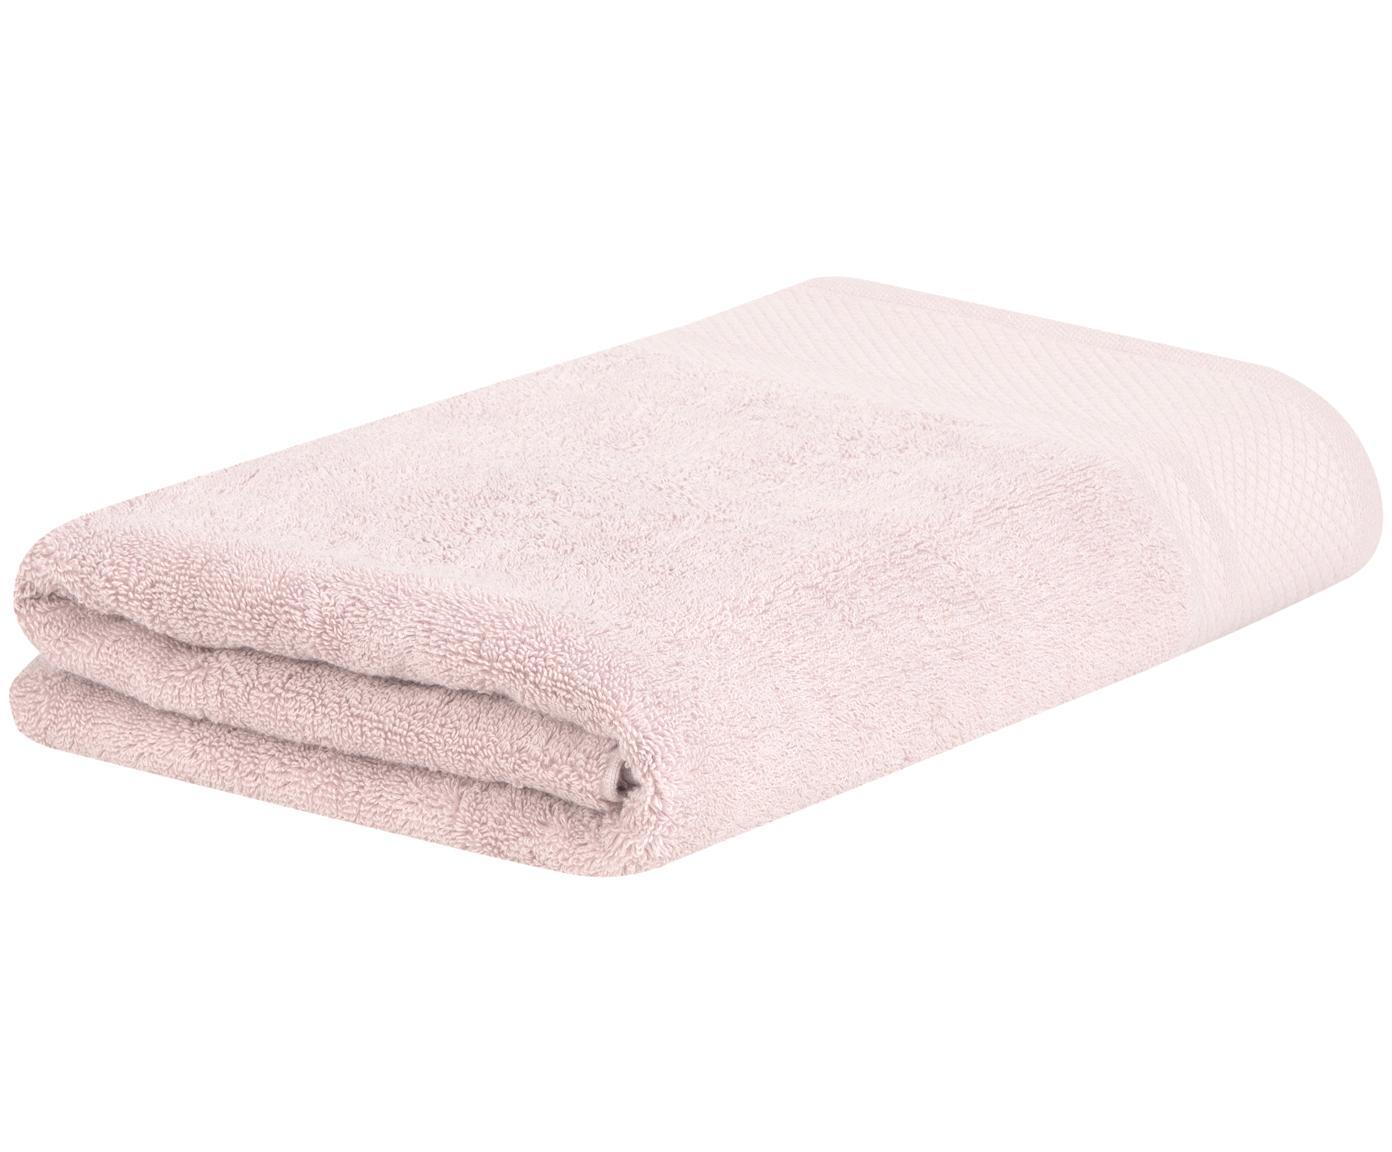 Handtuch Premium mit klassischer Zierbordüre, Altrosa, XS Gästehandtuch